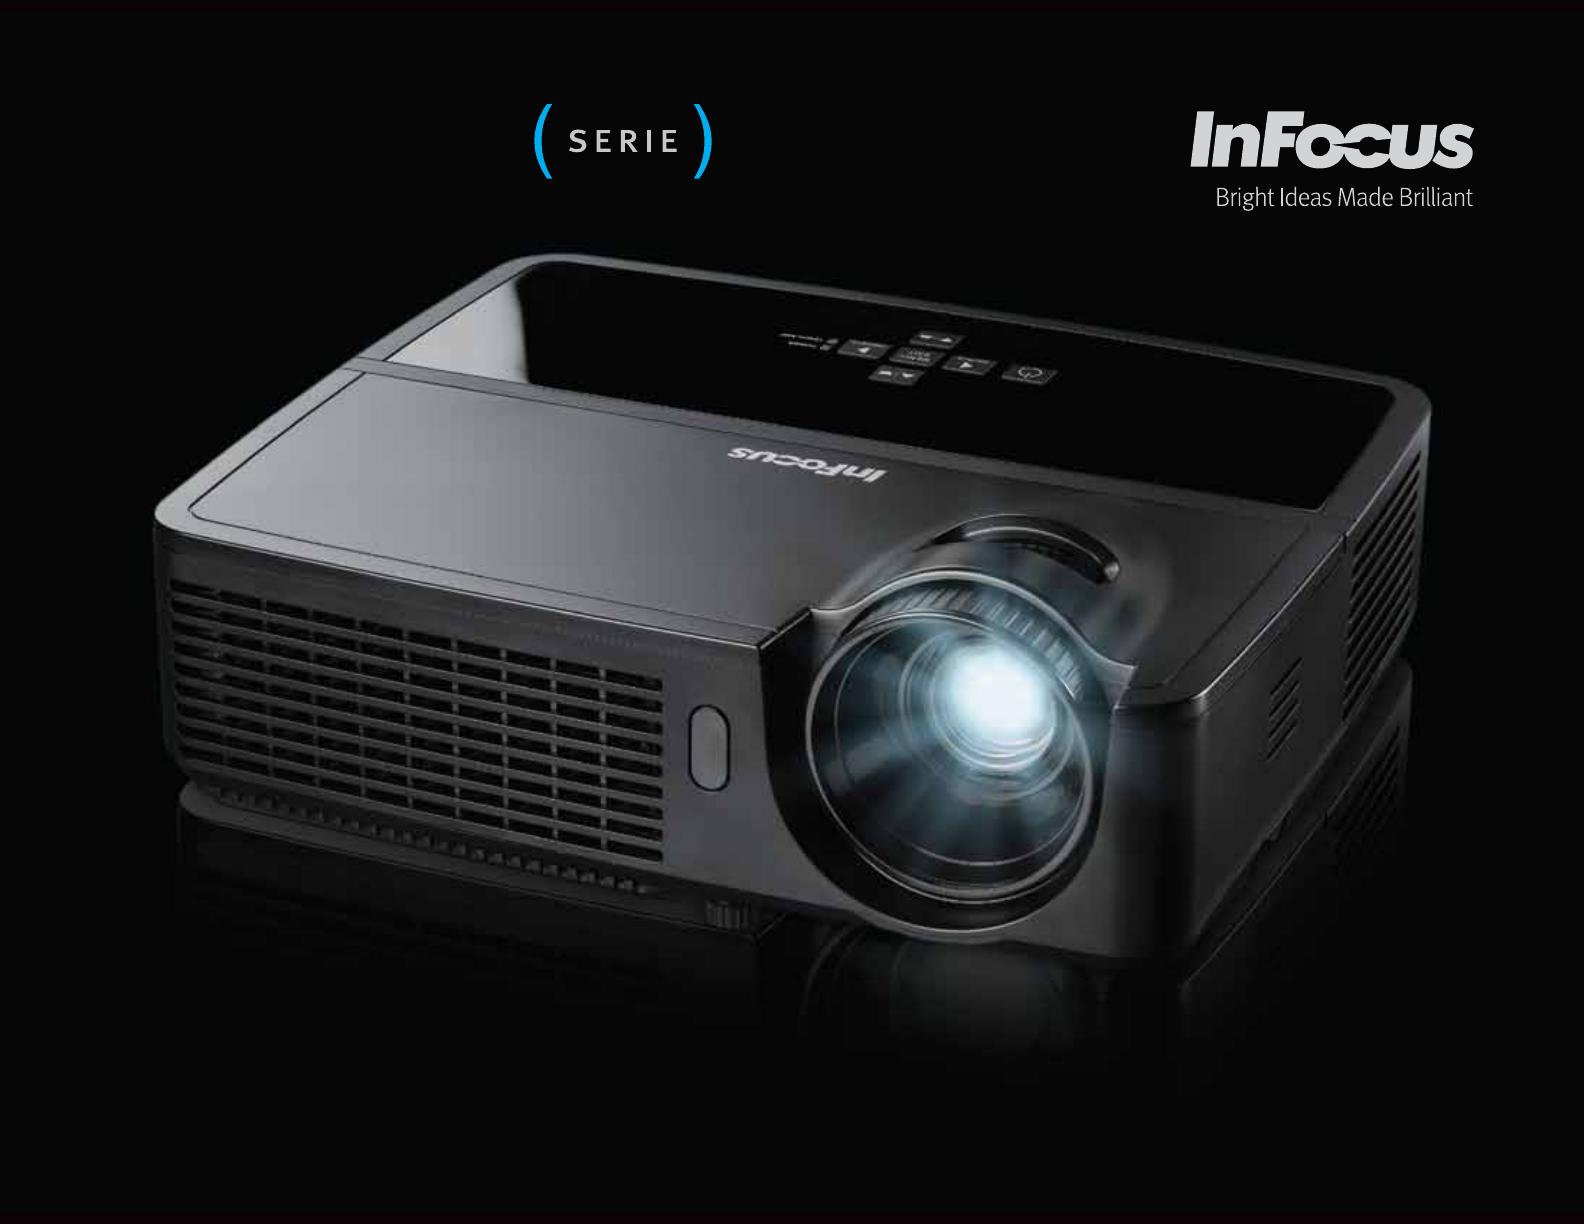 infocus projector in2120 user guide manualsonline com rh audio manualsonline com Infocus Store infocus dlp projector user manual